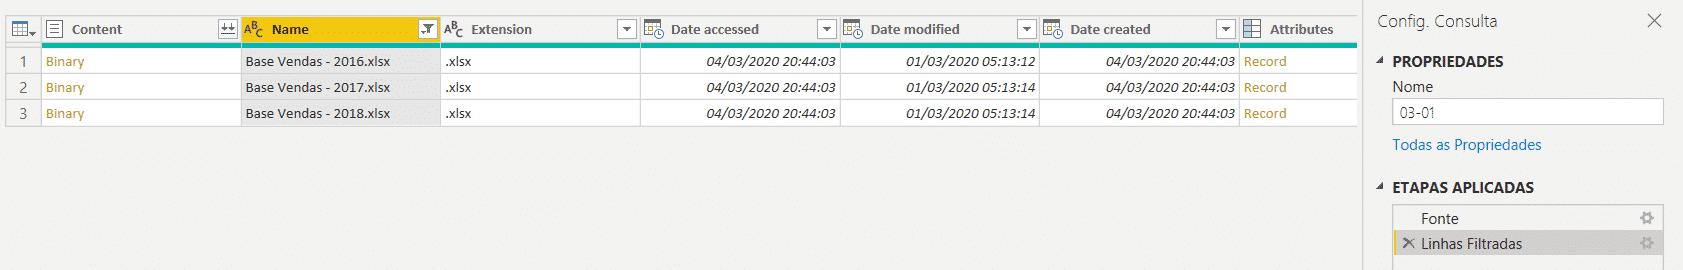 Arquivos filtrados e ação gravada pelo programa